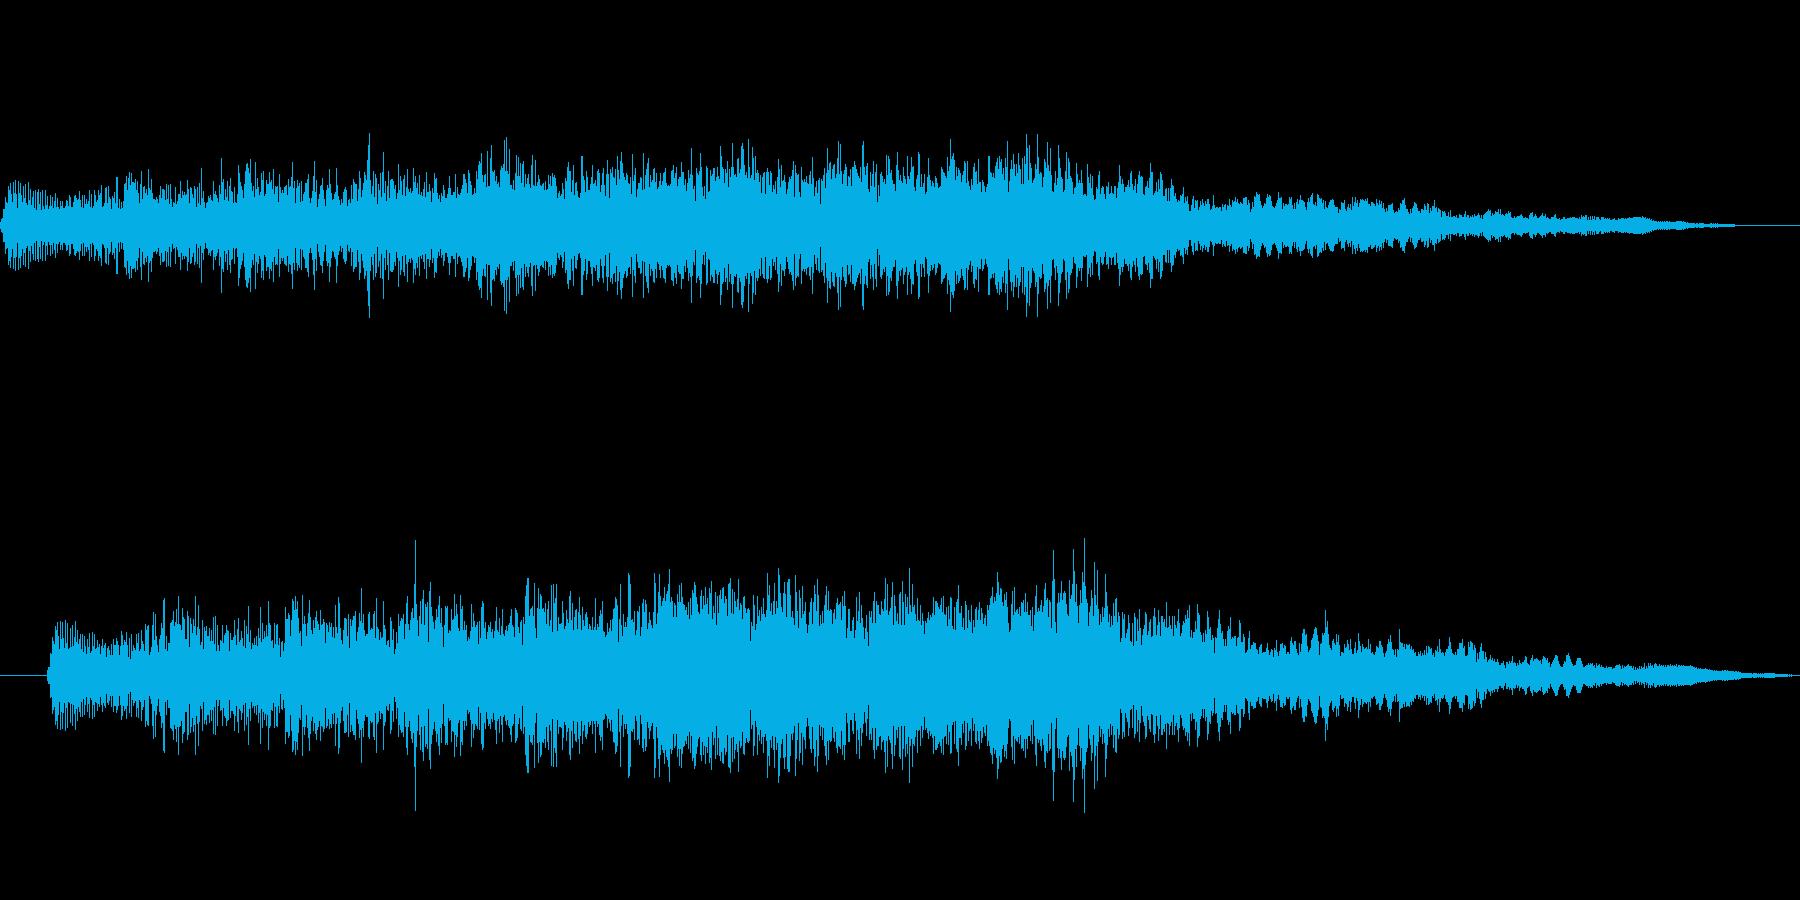 「テレテレテーン」 決定音っぽい感じの再生済みの波形